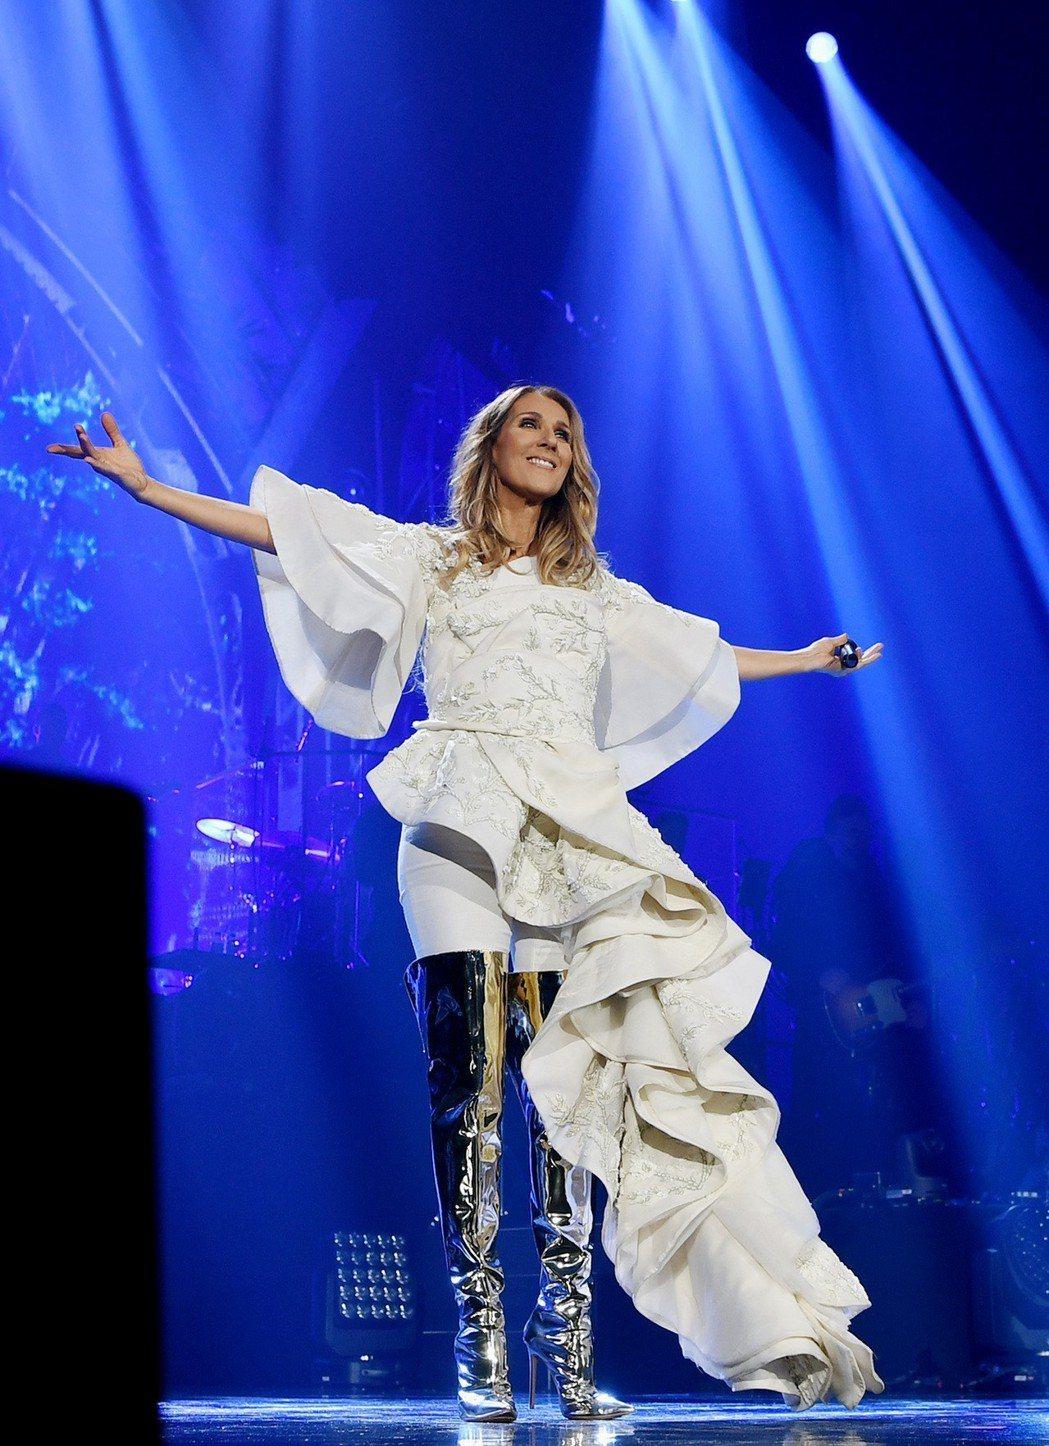 席琳狄翁7月11日在台首場演唱會,不管颱風情況,照常舉行。圖/寬宏藝術提供